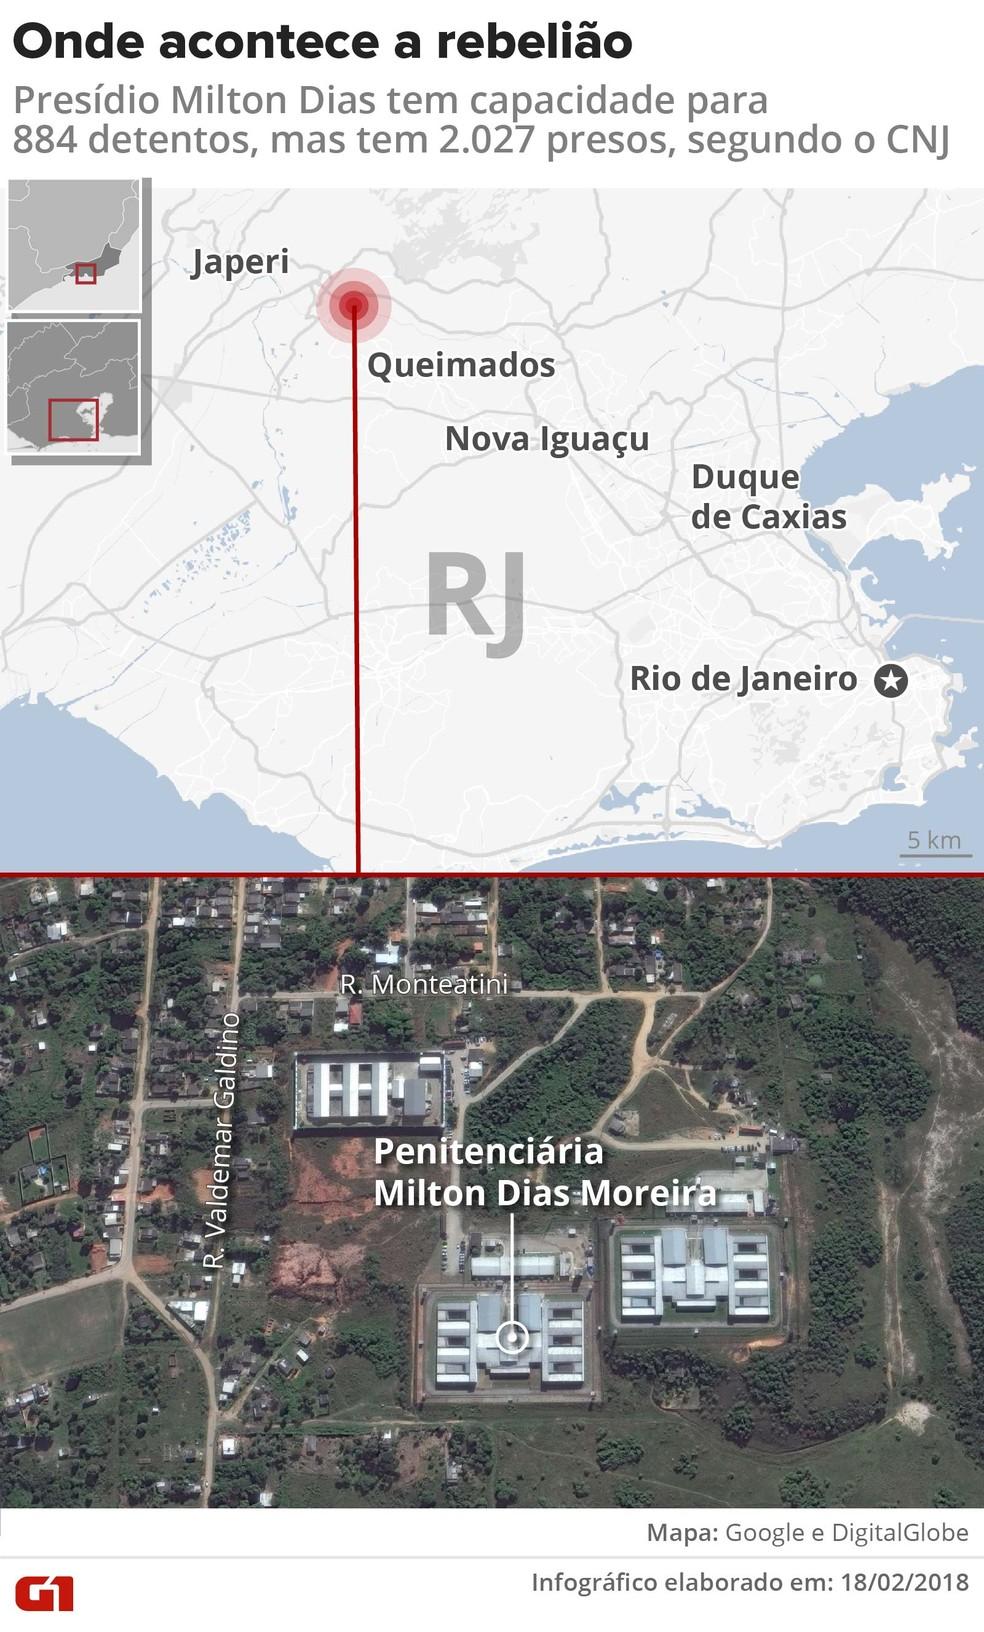 Mapa mostra localização do presídio Milton Dias, em Japeri, Baixada Fluminense, onde ocorre uma rebelião (Foto: Igor Estrella/Editoria de Arte G1)